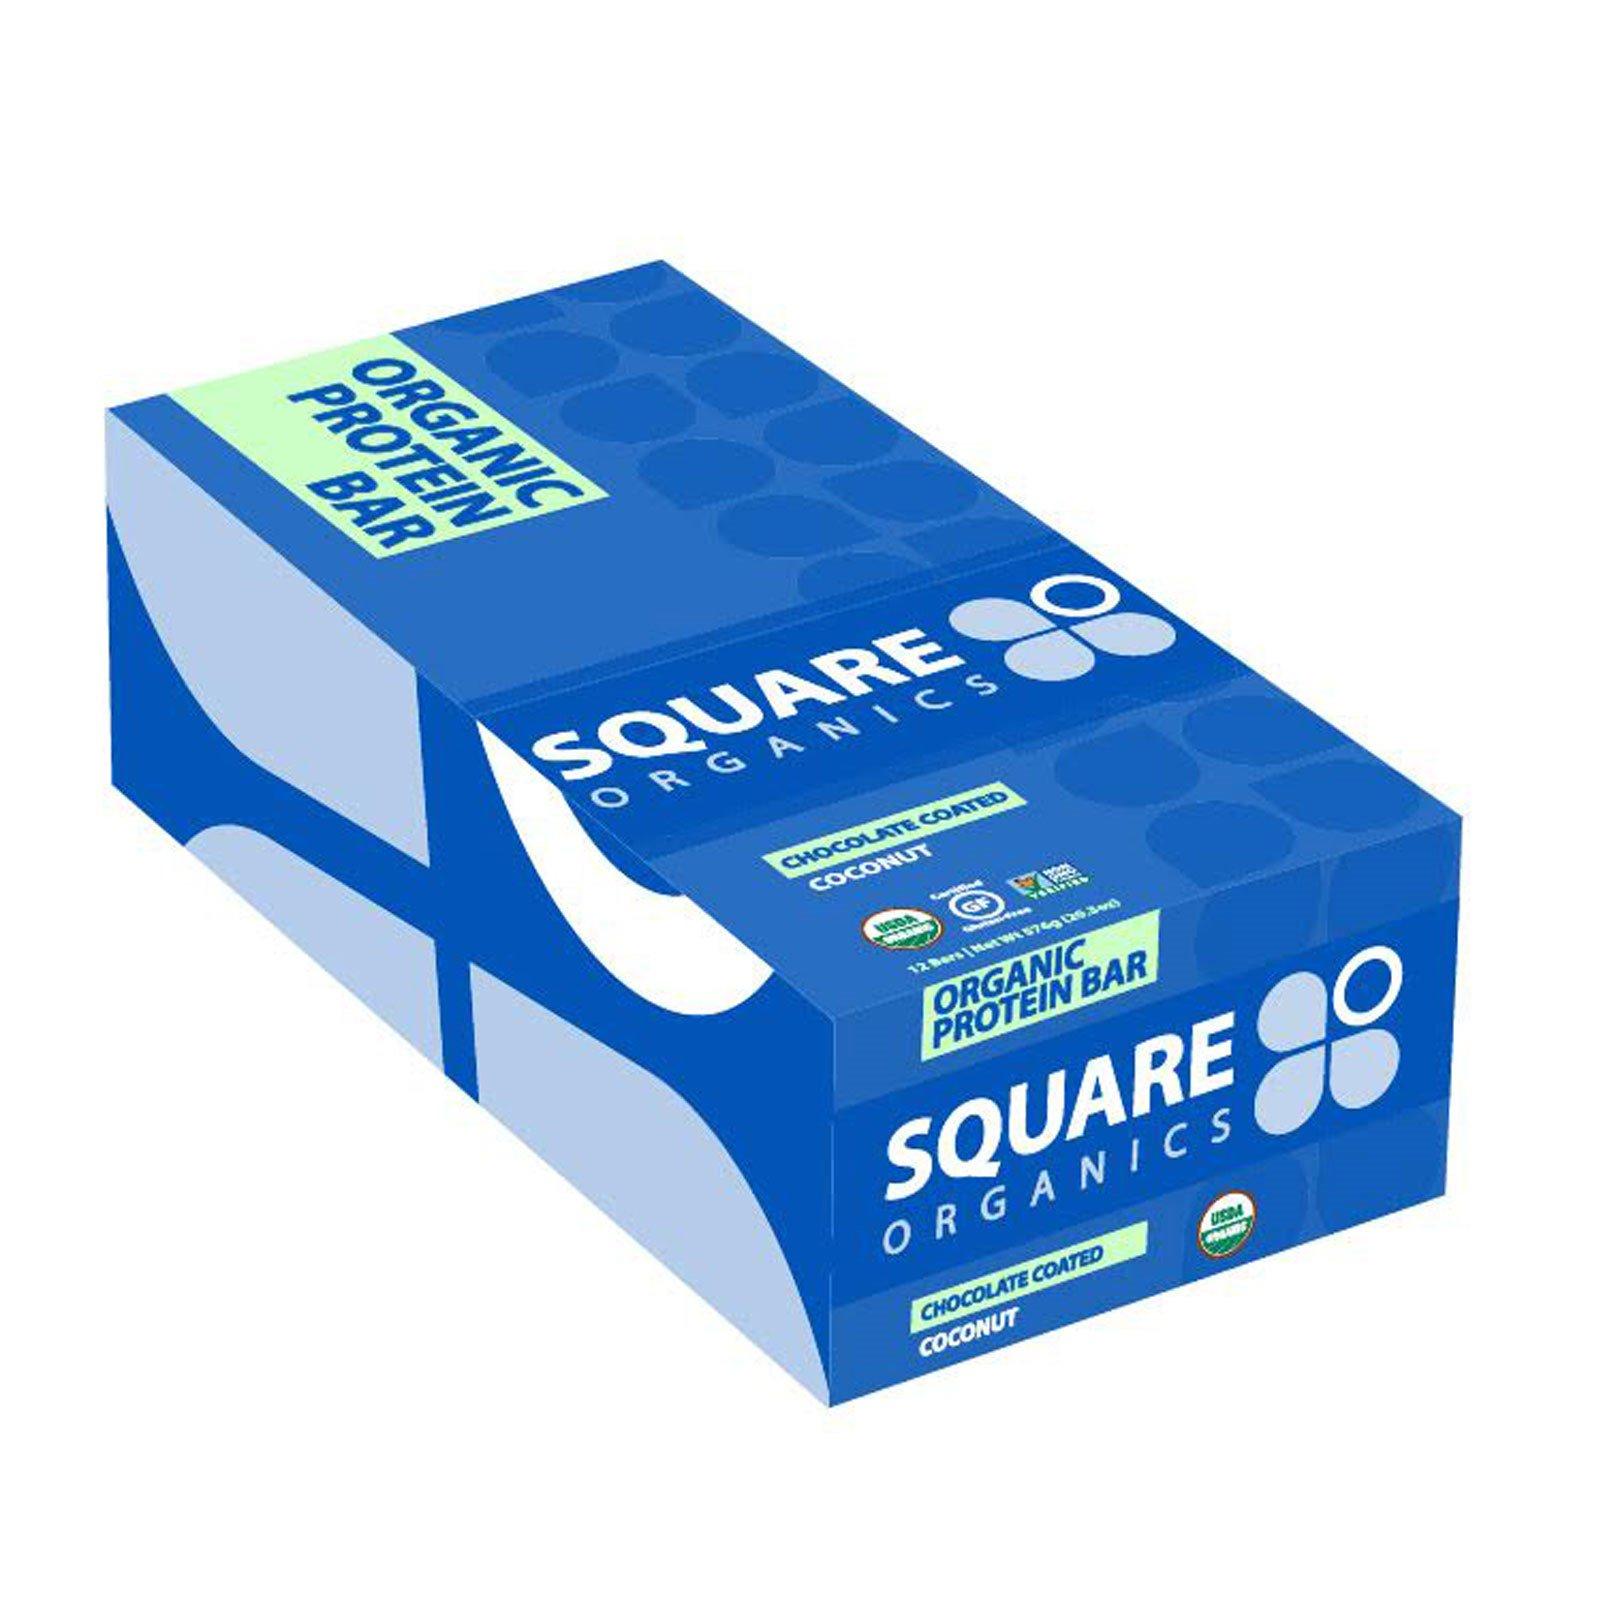 Square Organics, Органический протеиновый батончик, кокос, покрытый шоколадом, 12 батончиков, 1,7 унции (48 г) каждый